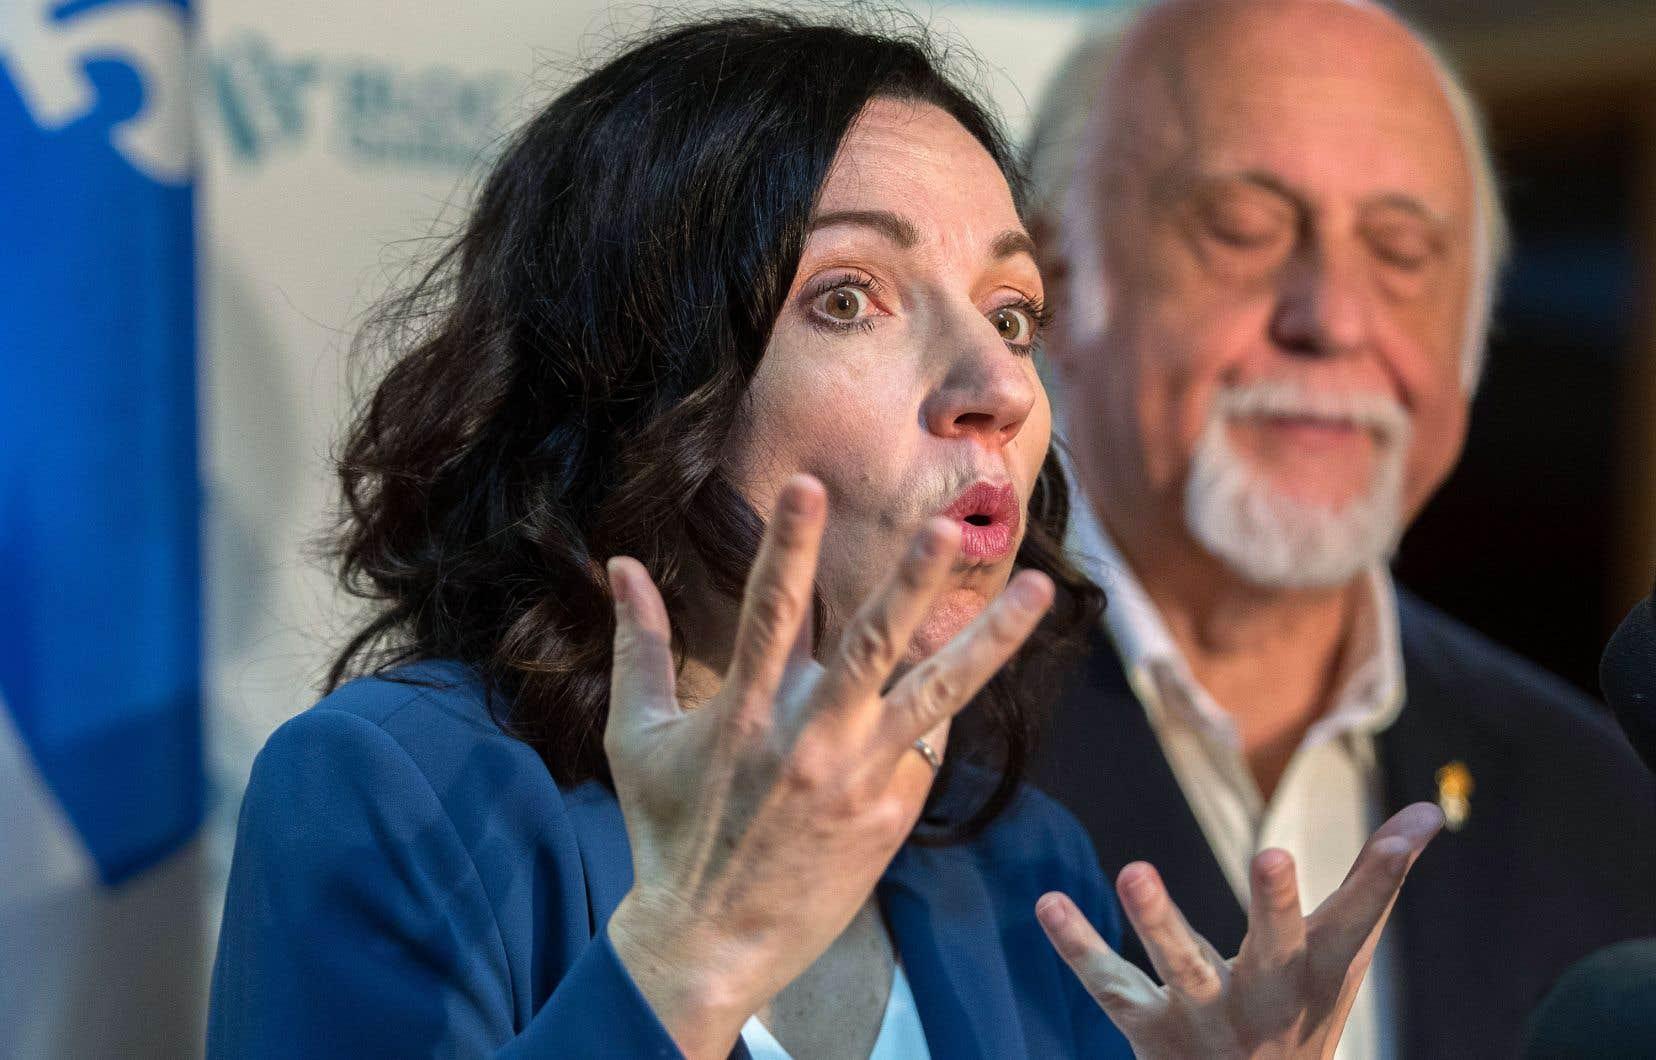 Martine Ouellet et Gilbert Paquette, qui siège maintenant au Bureau national du Bloc québécois à titre de vice-président